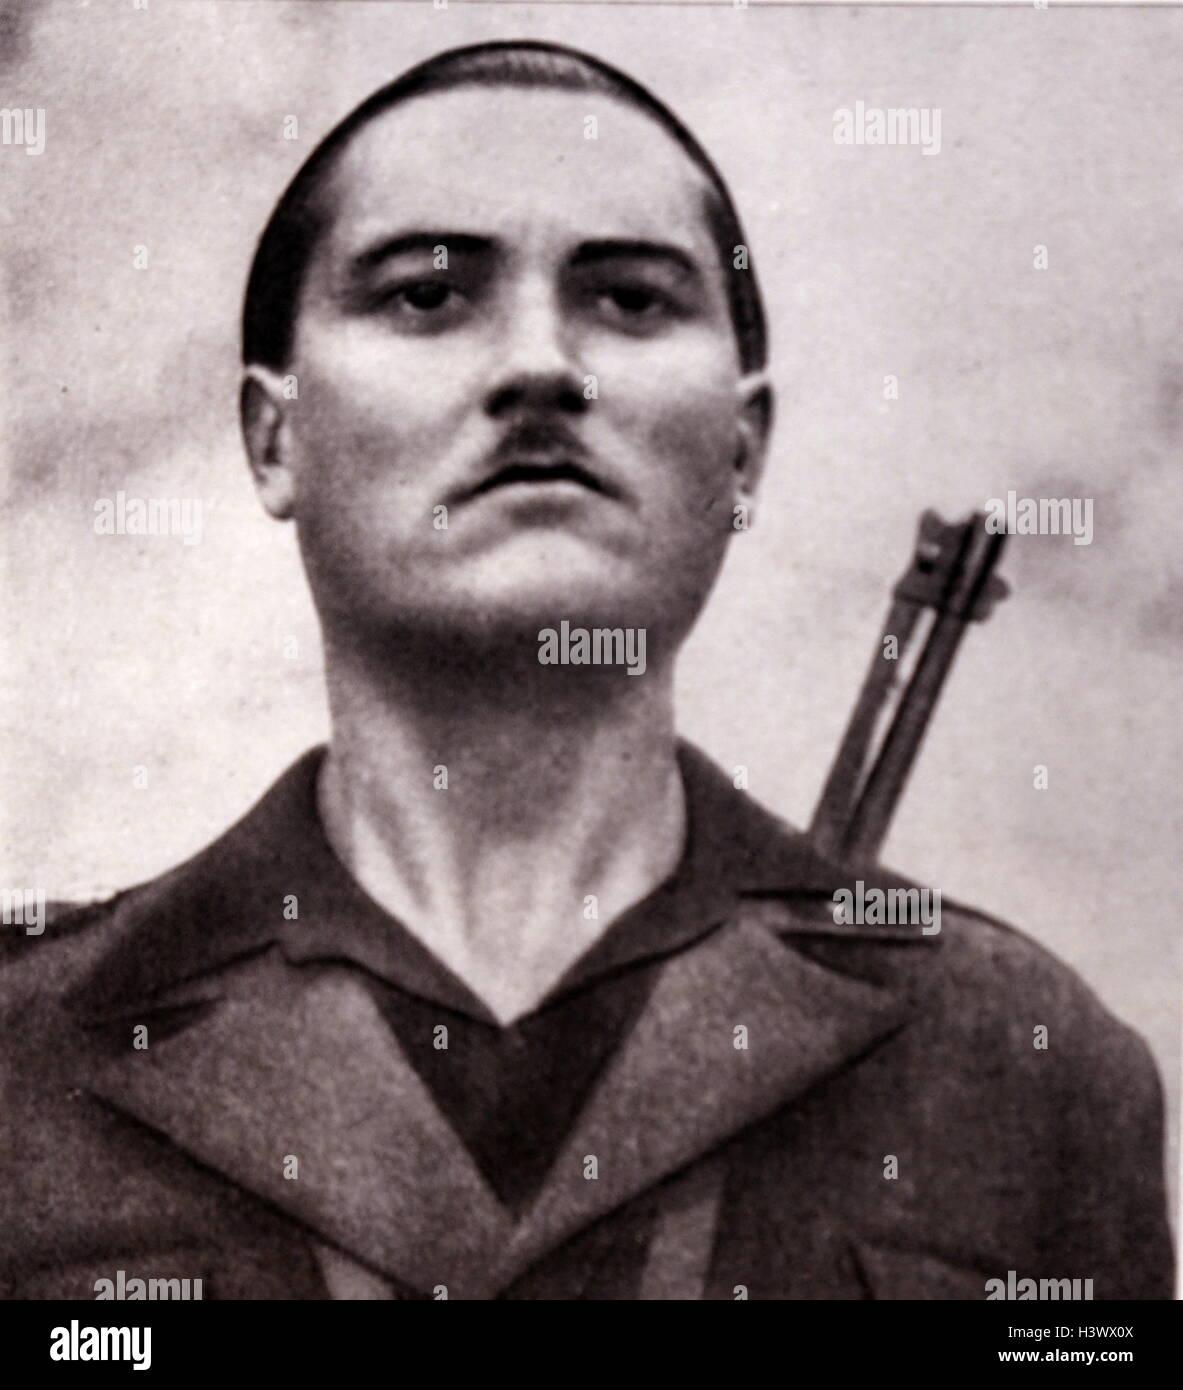 Italienische Propaganda Postkarte eines bewaffneten faschistischen Miliz-Mitglieds 1936 Stockbild